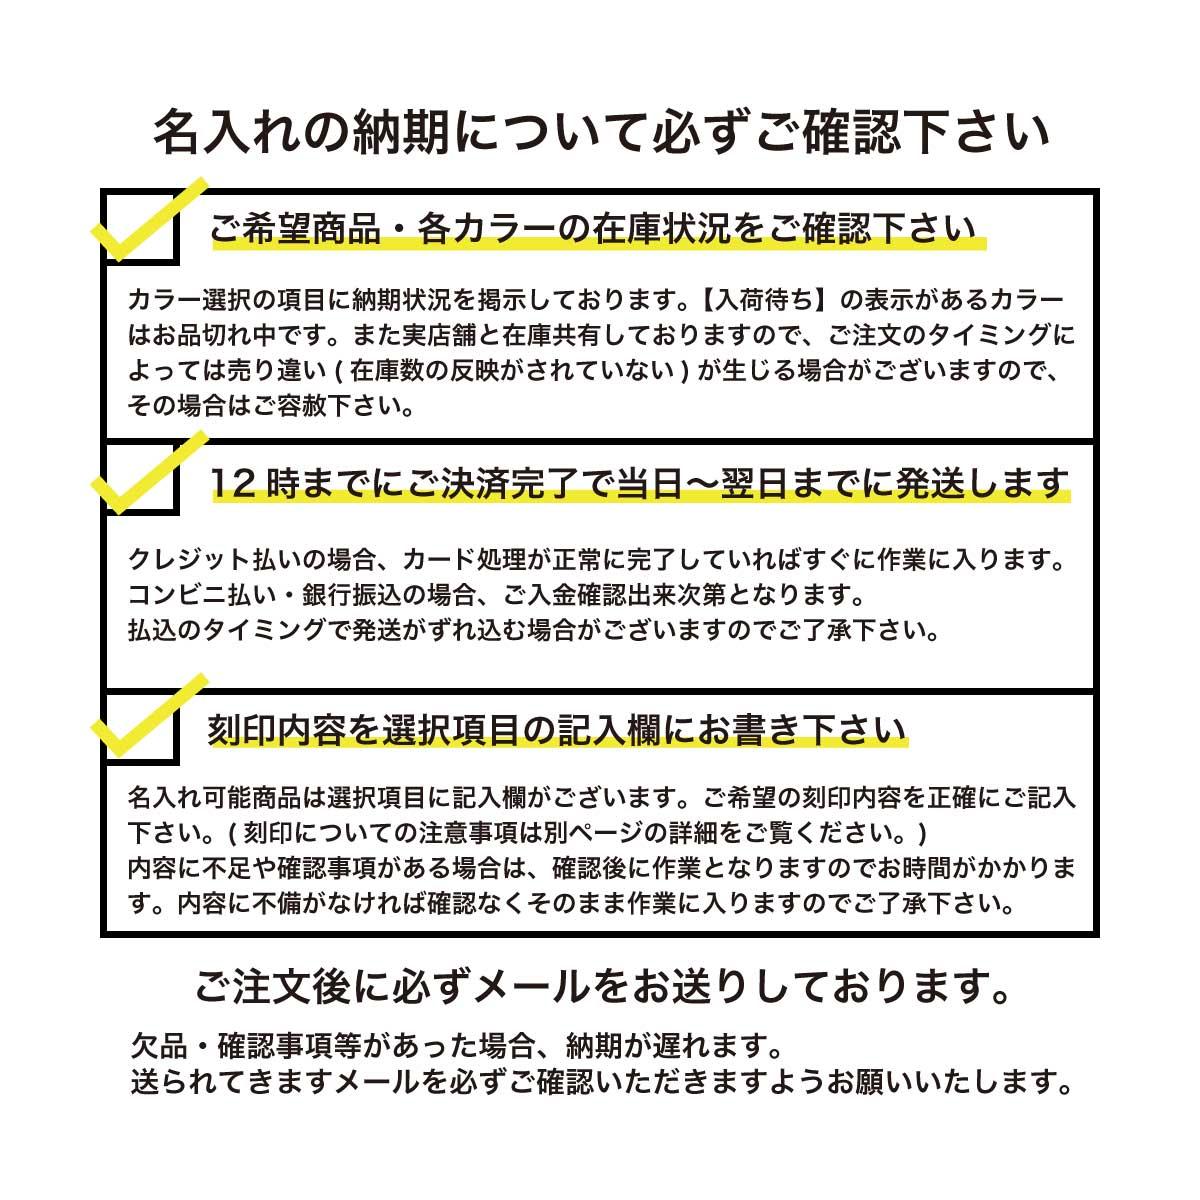 レザートレイ/長方形 名入れ注意事項